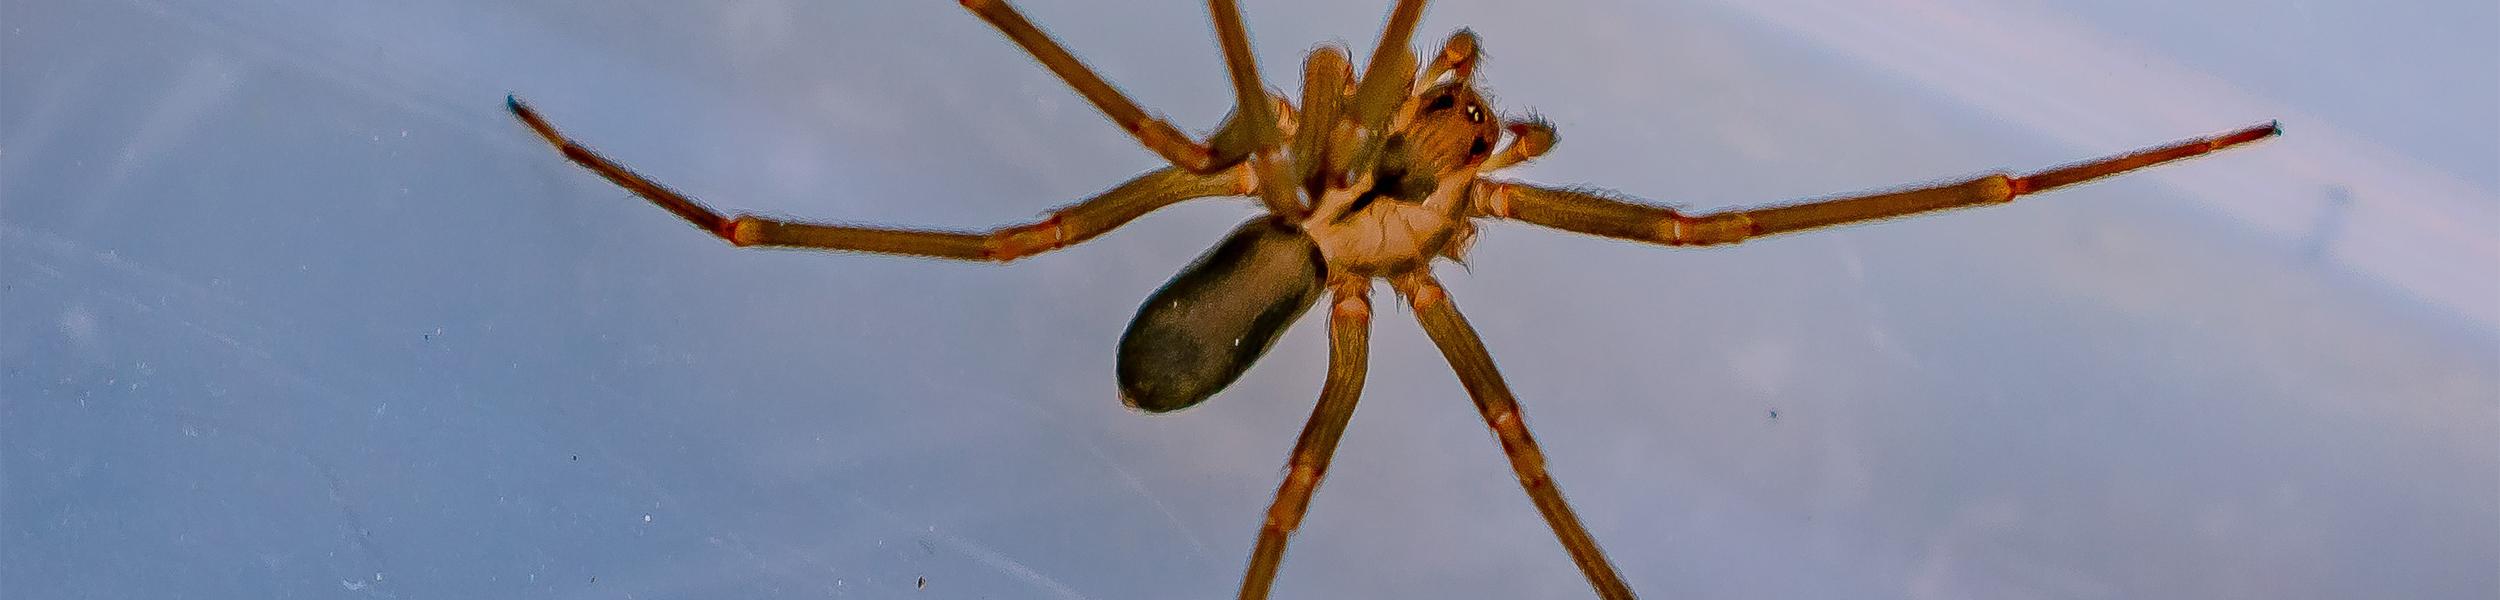 Brown-Resluce-Spider-AFTER